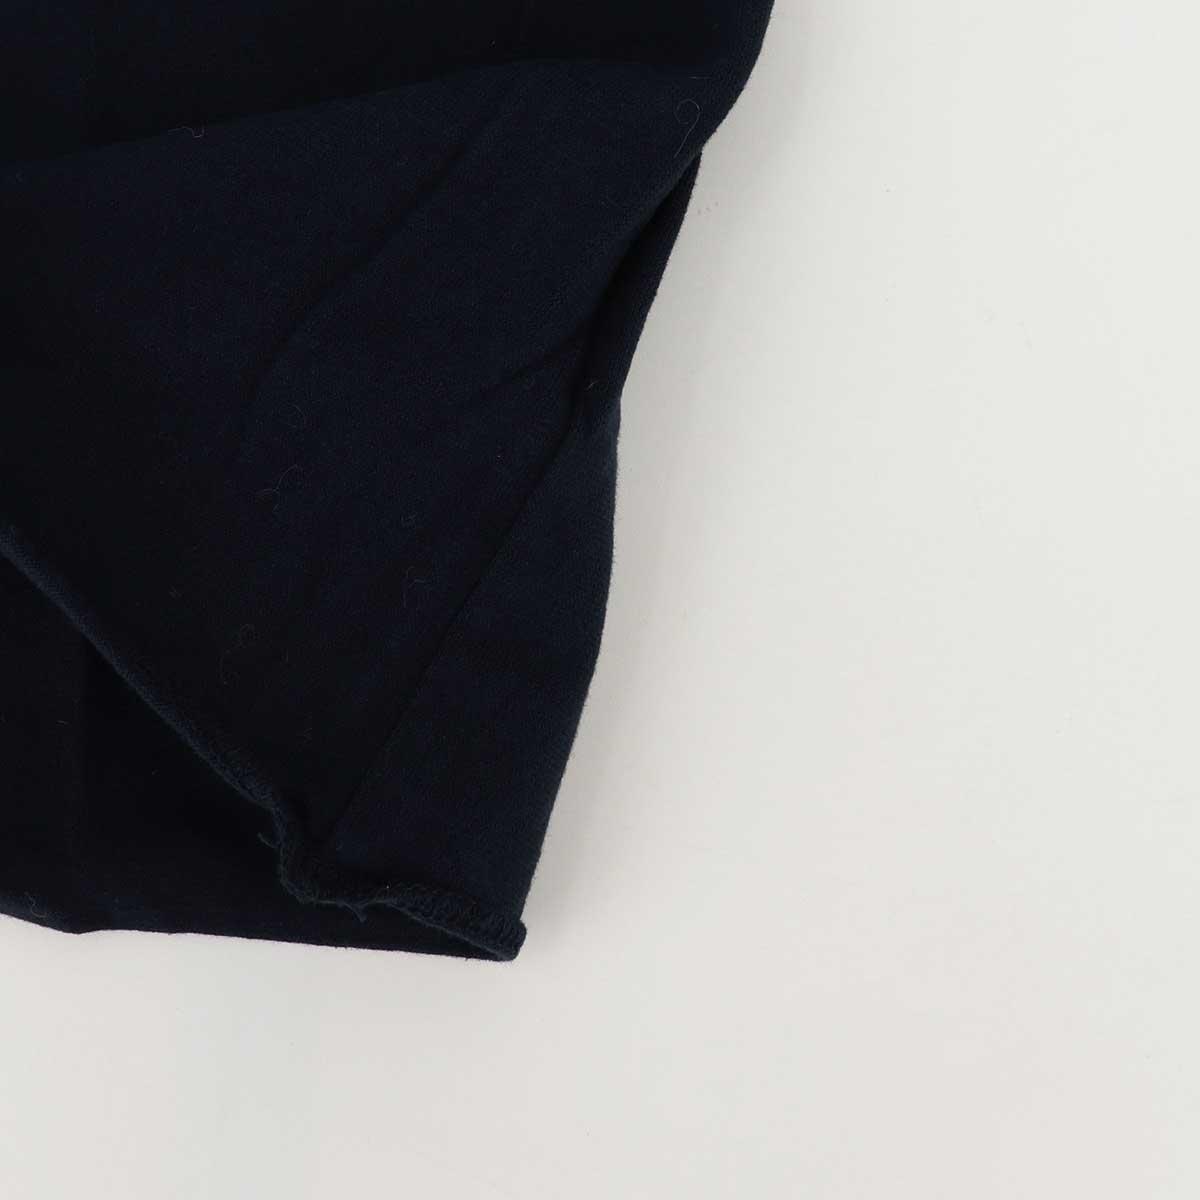 5分袖 クルーネックTシャツ 刺繍配色(NAVY)